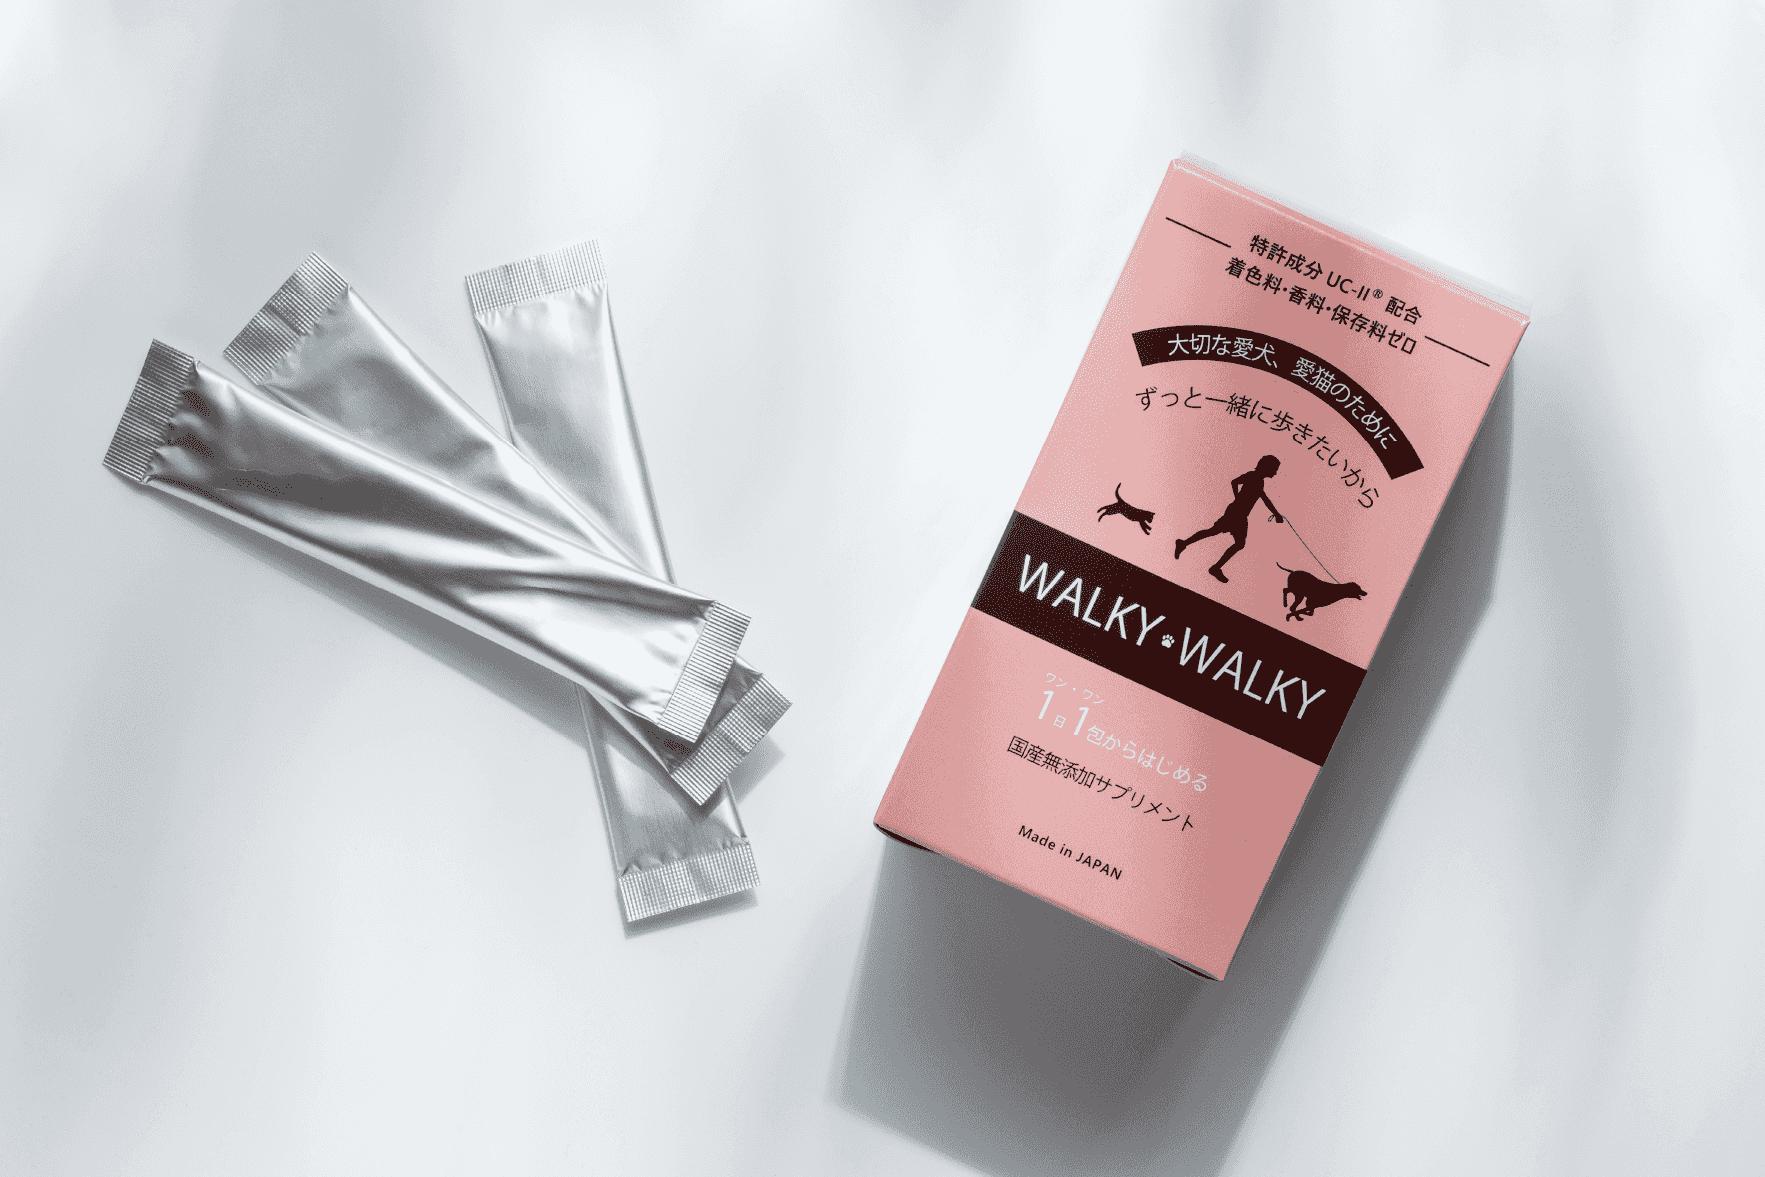 愛犬のトラブル上位、関節脱臼に悩む飼い主様へ。「WALKY WALKY特別セット」を ワンOne dayで限定発売